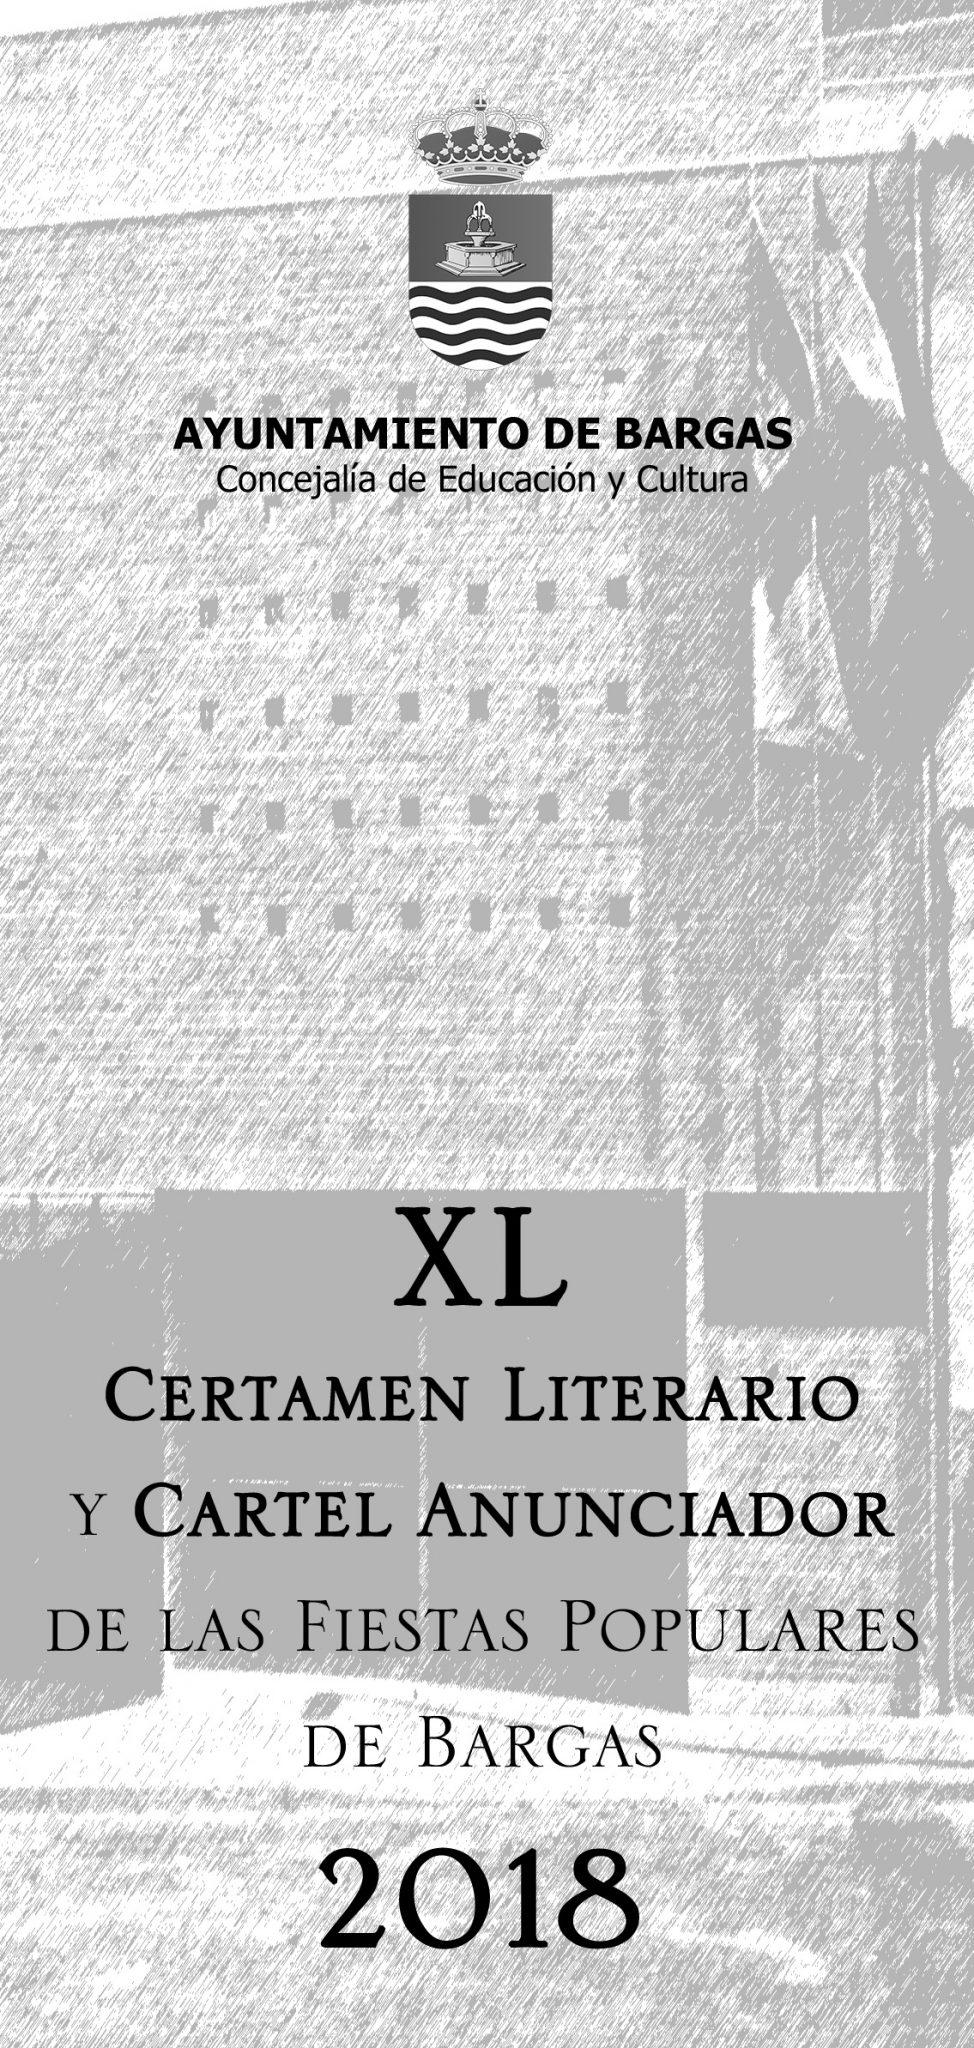 Bases del XL Certamen Literario y Cartel Anunciador de las Fiestas